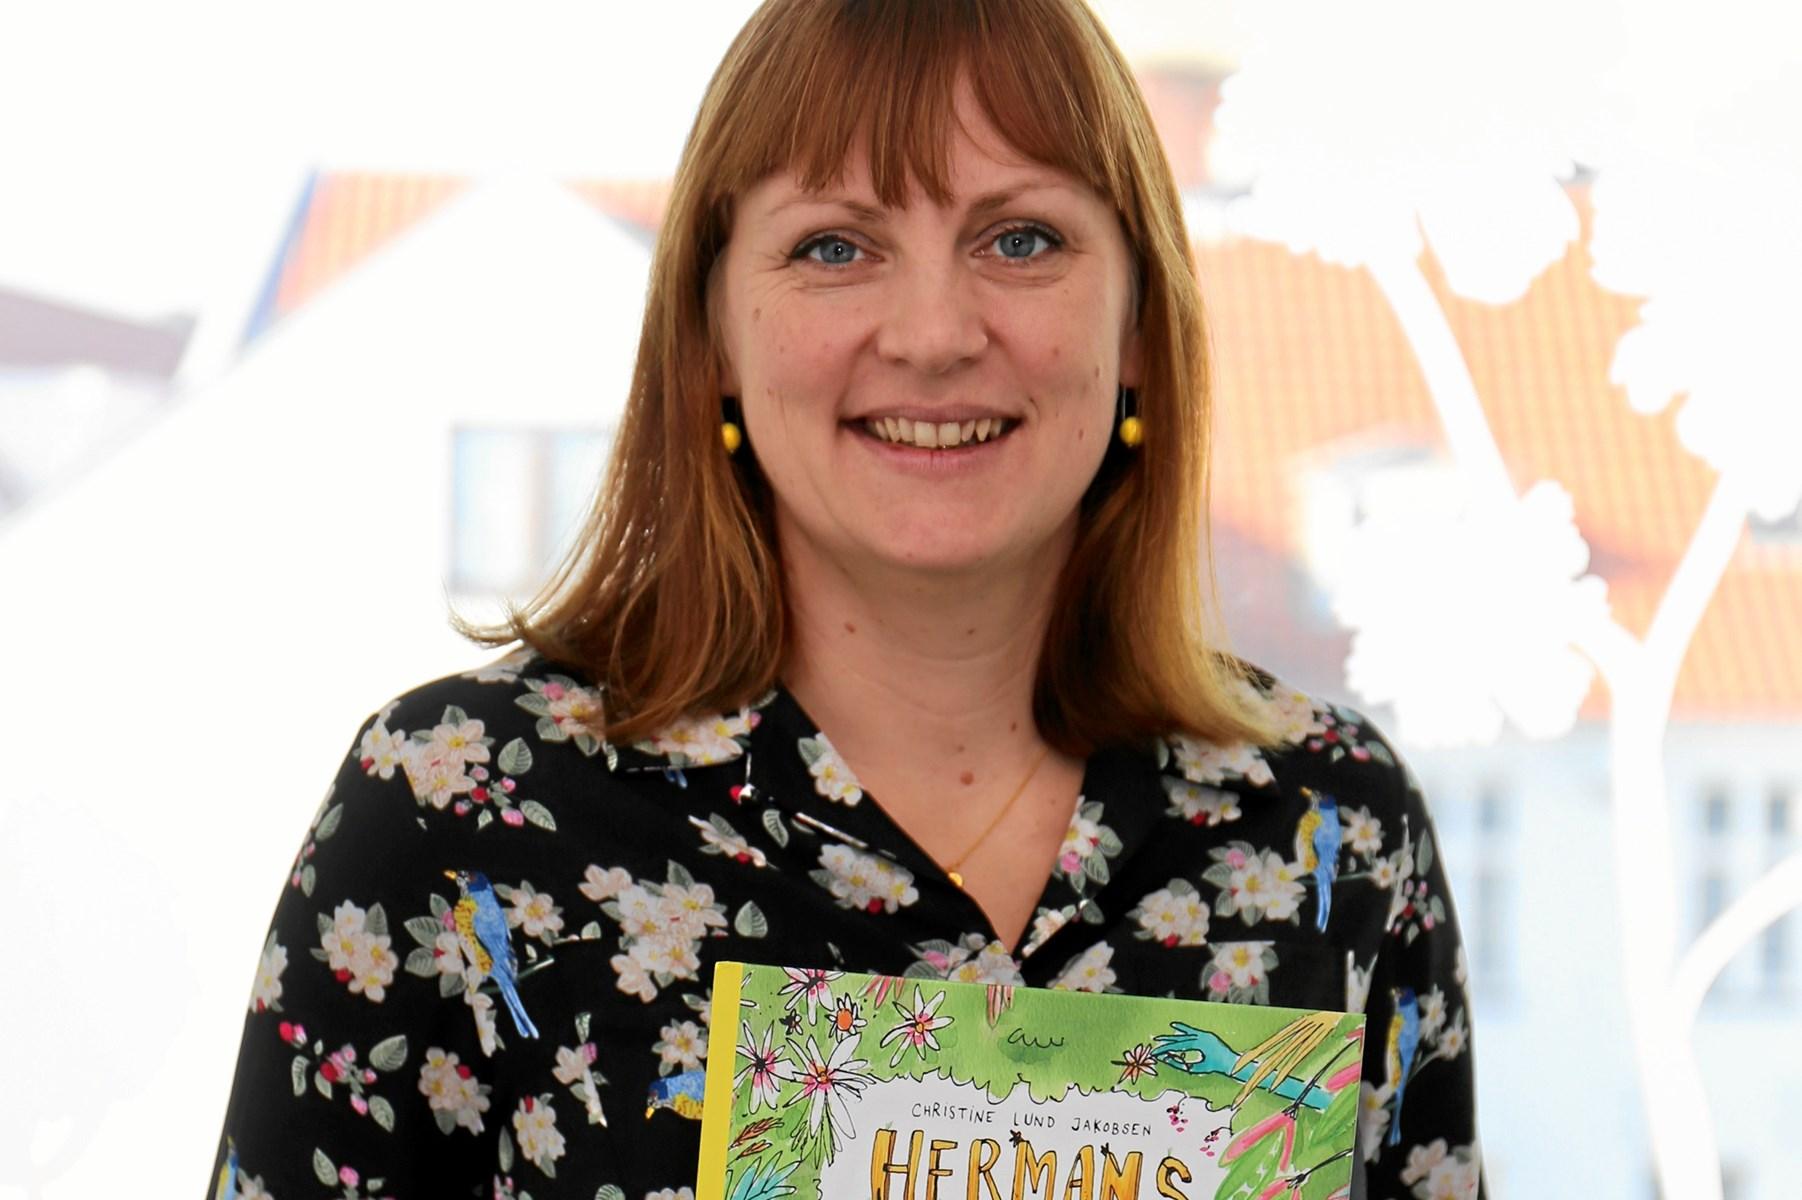 Forfatter udgiver ny børnebog - Hermans Have